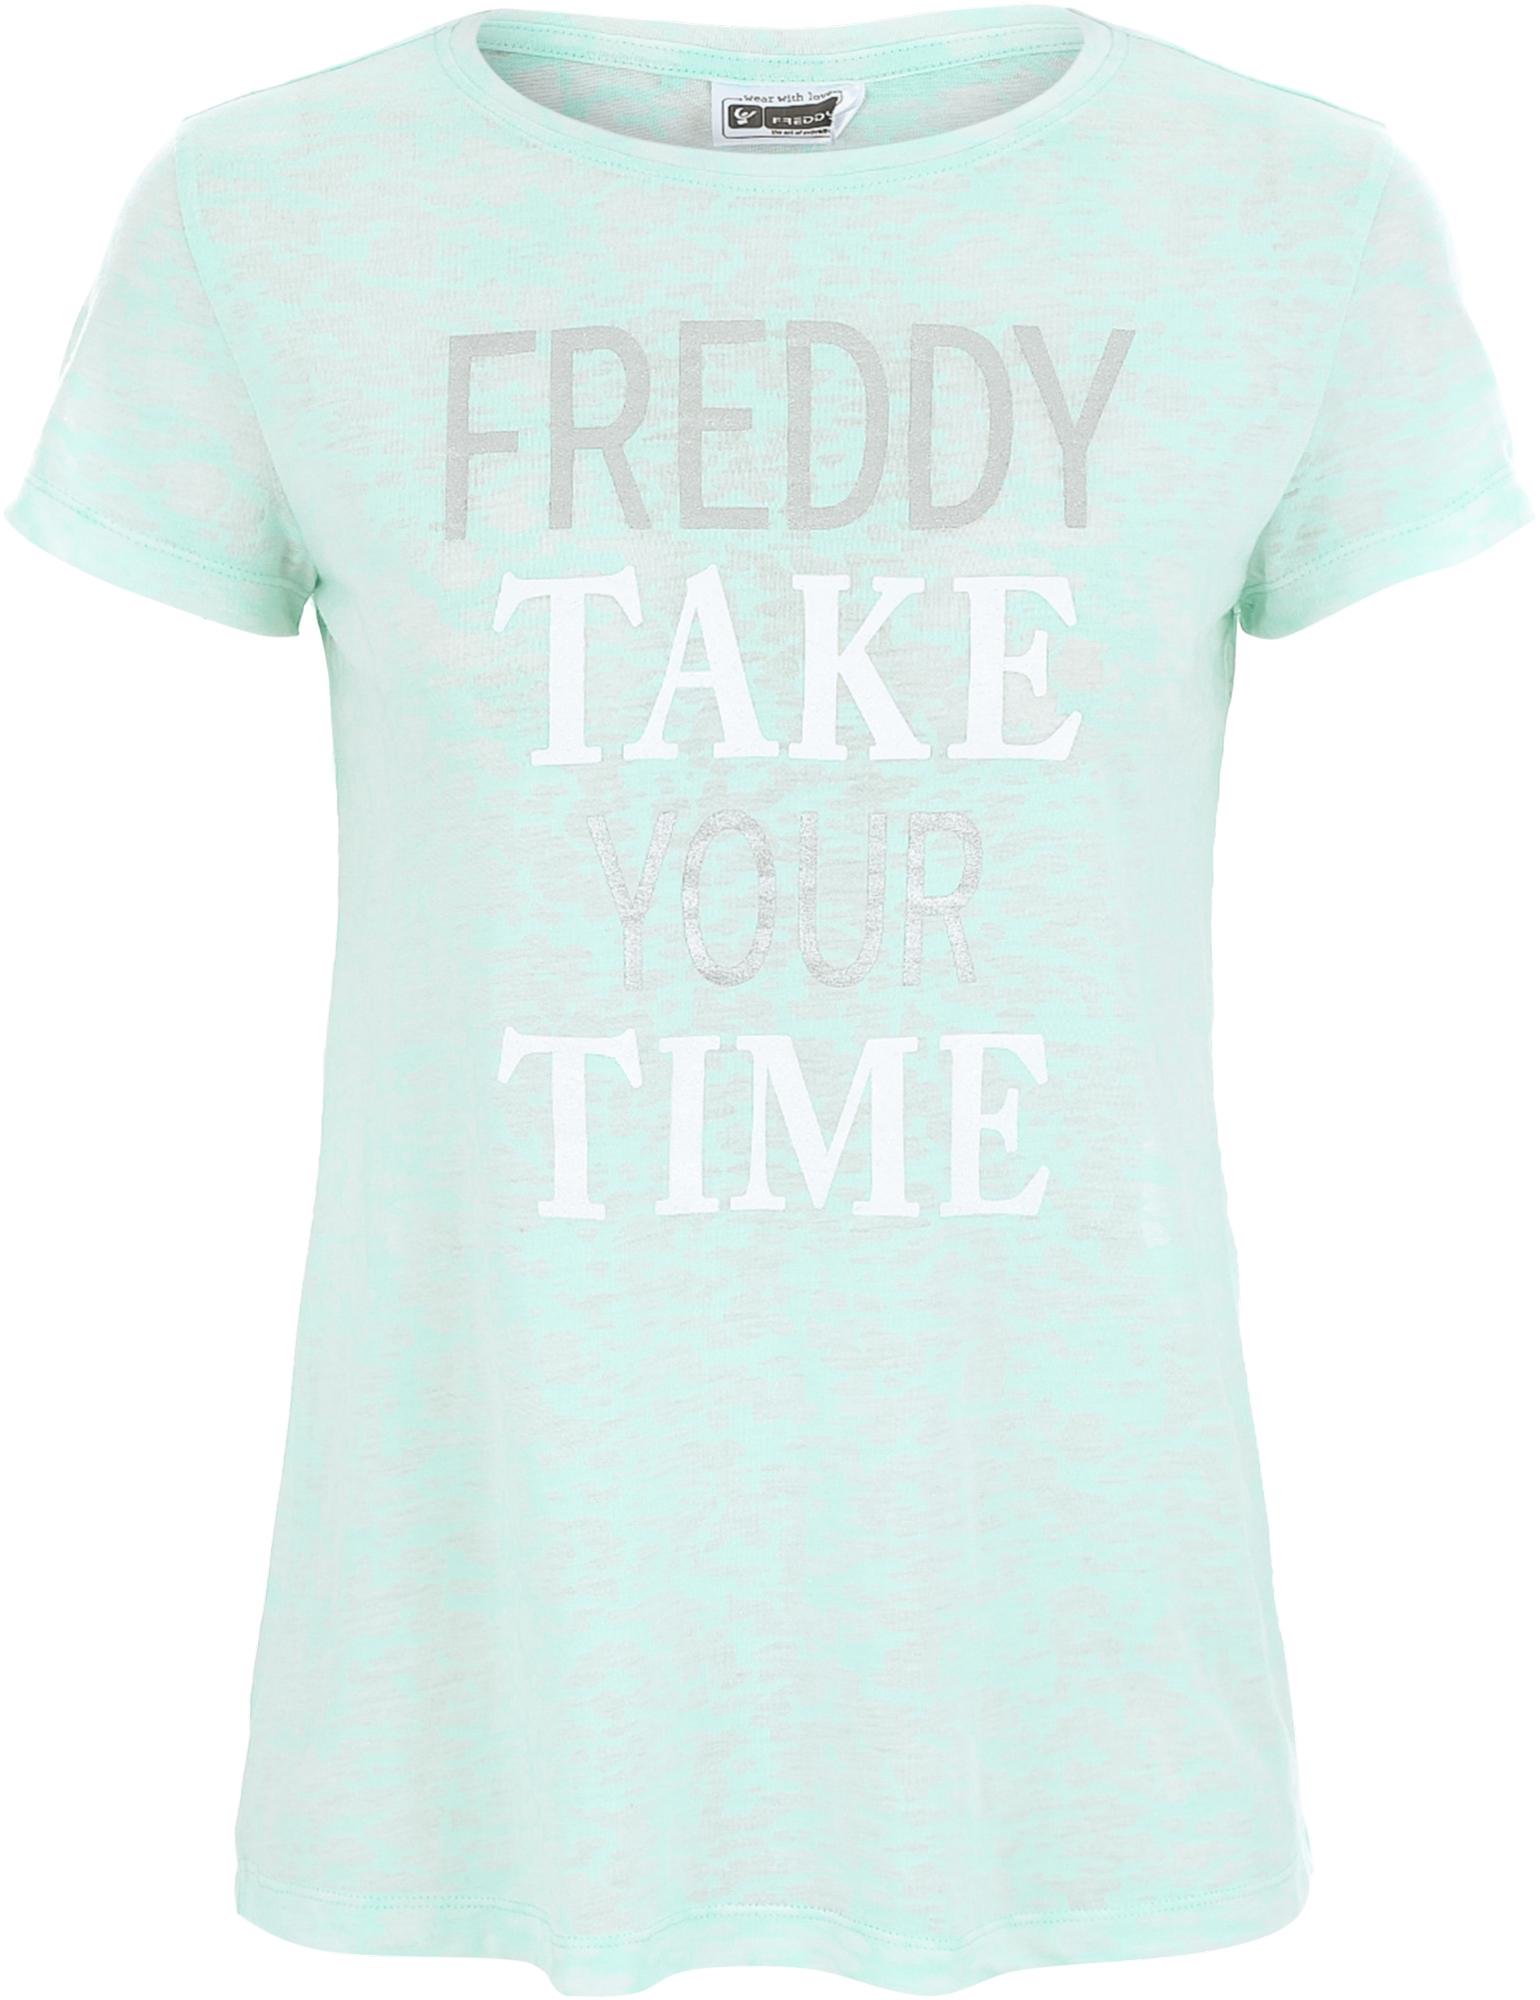 Freddy Футболка женская Freddy College, размер 48-50 цены онлайн